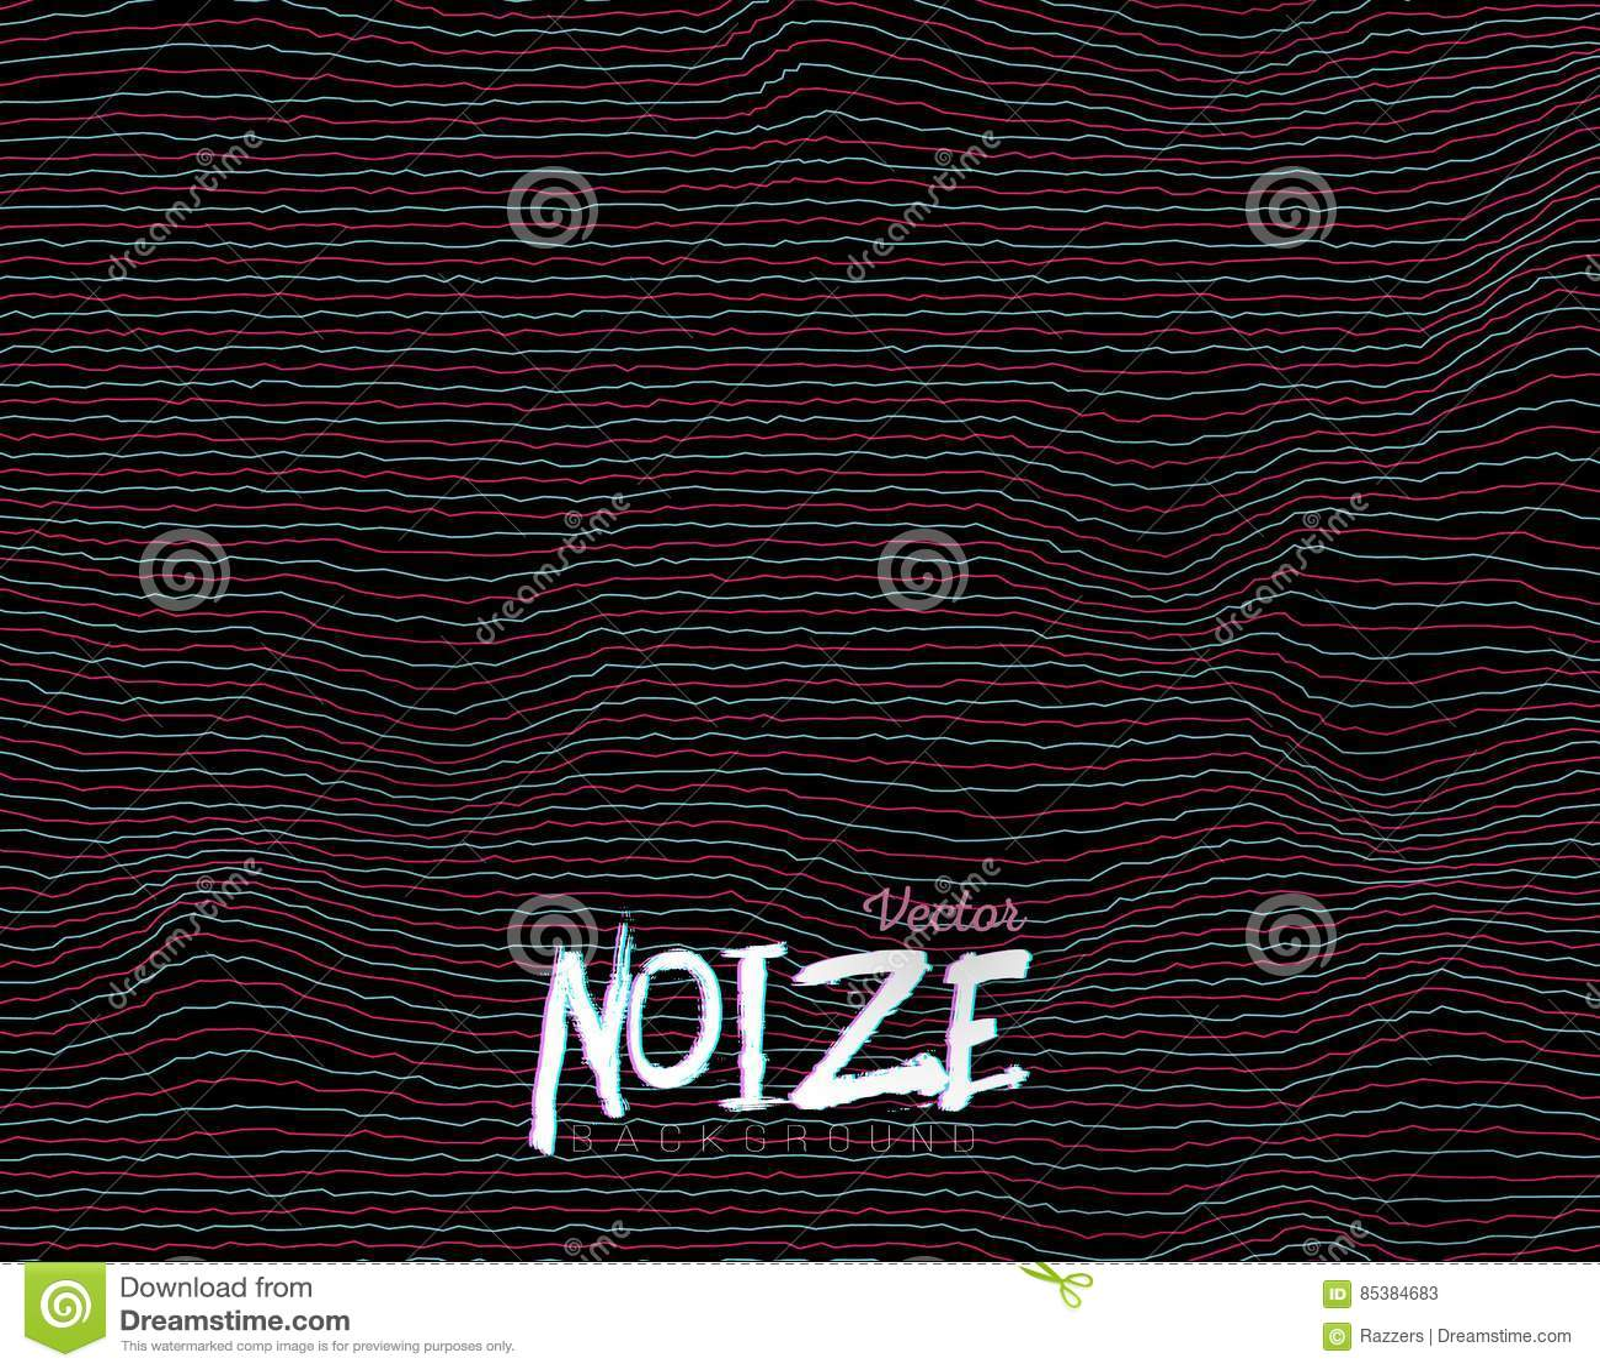 La Interferencia De Digitaces Noize Alinea El Fondo Ilustración del ...